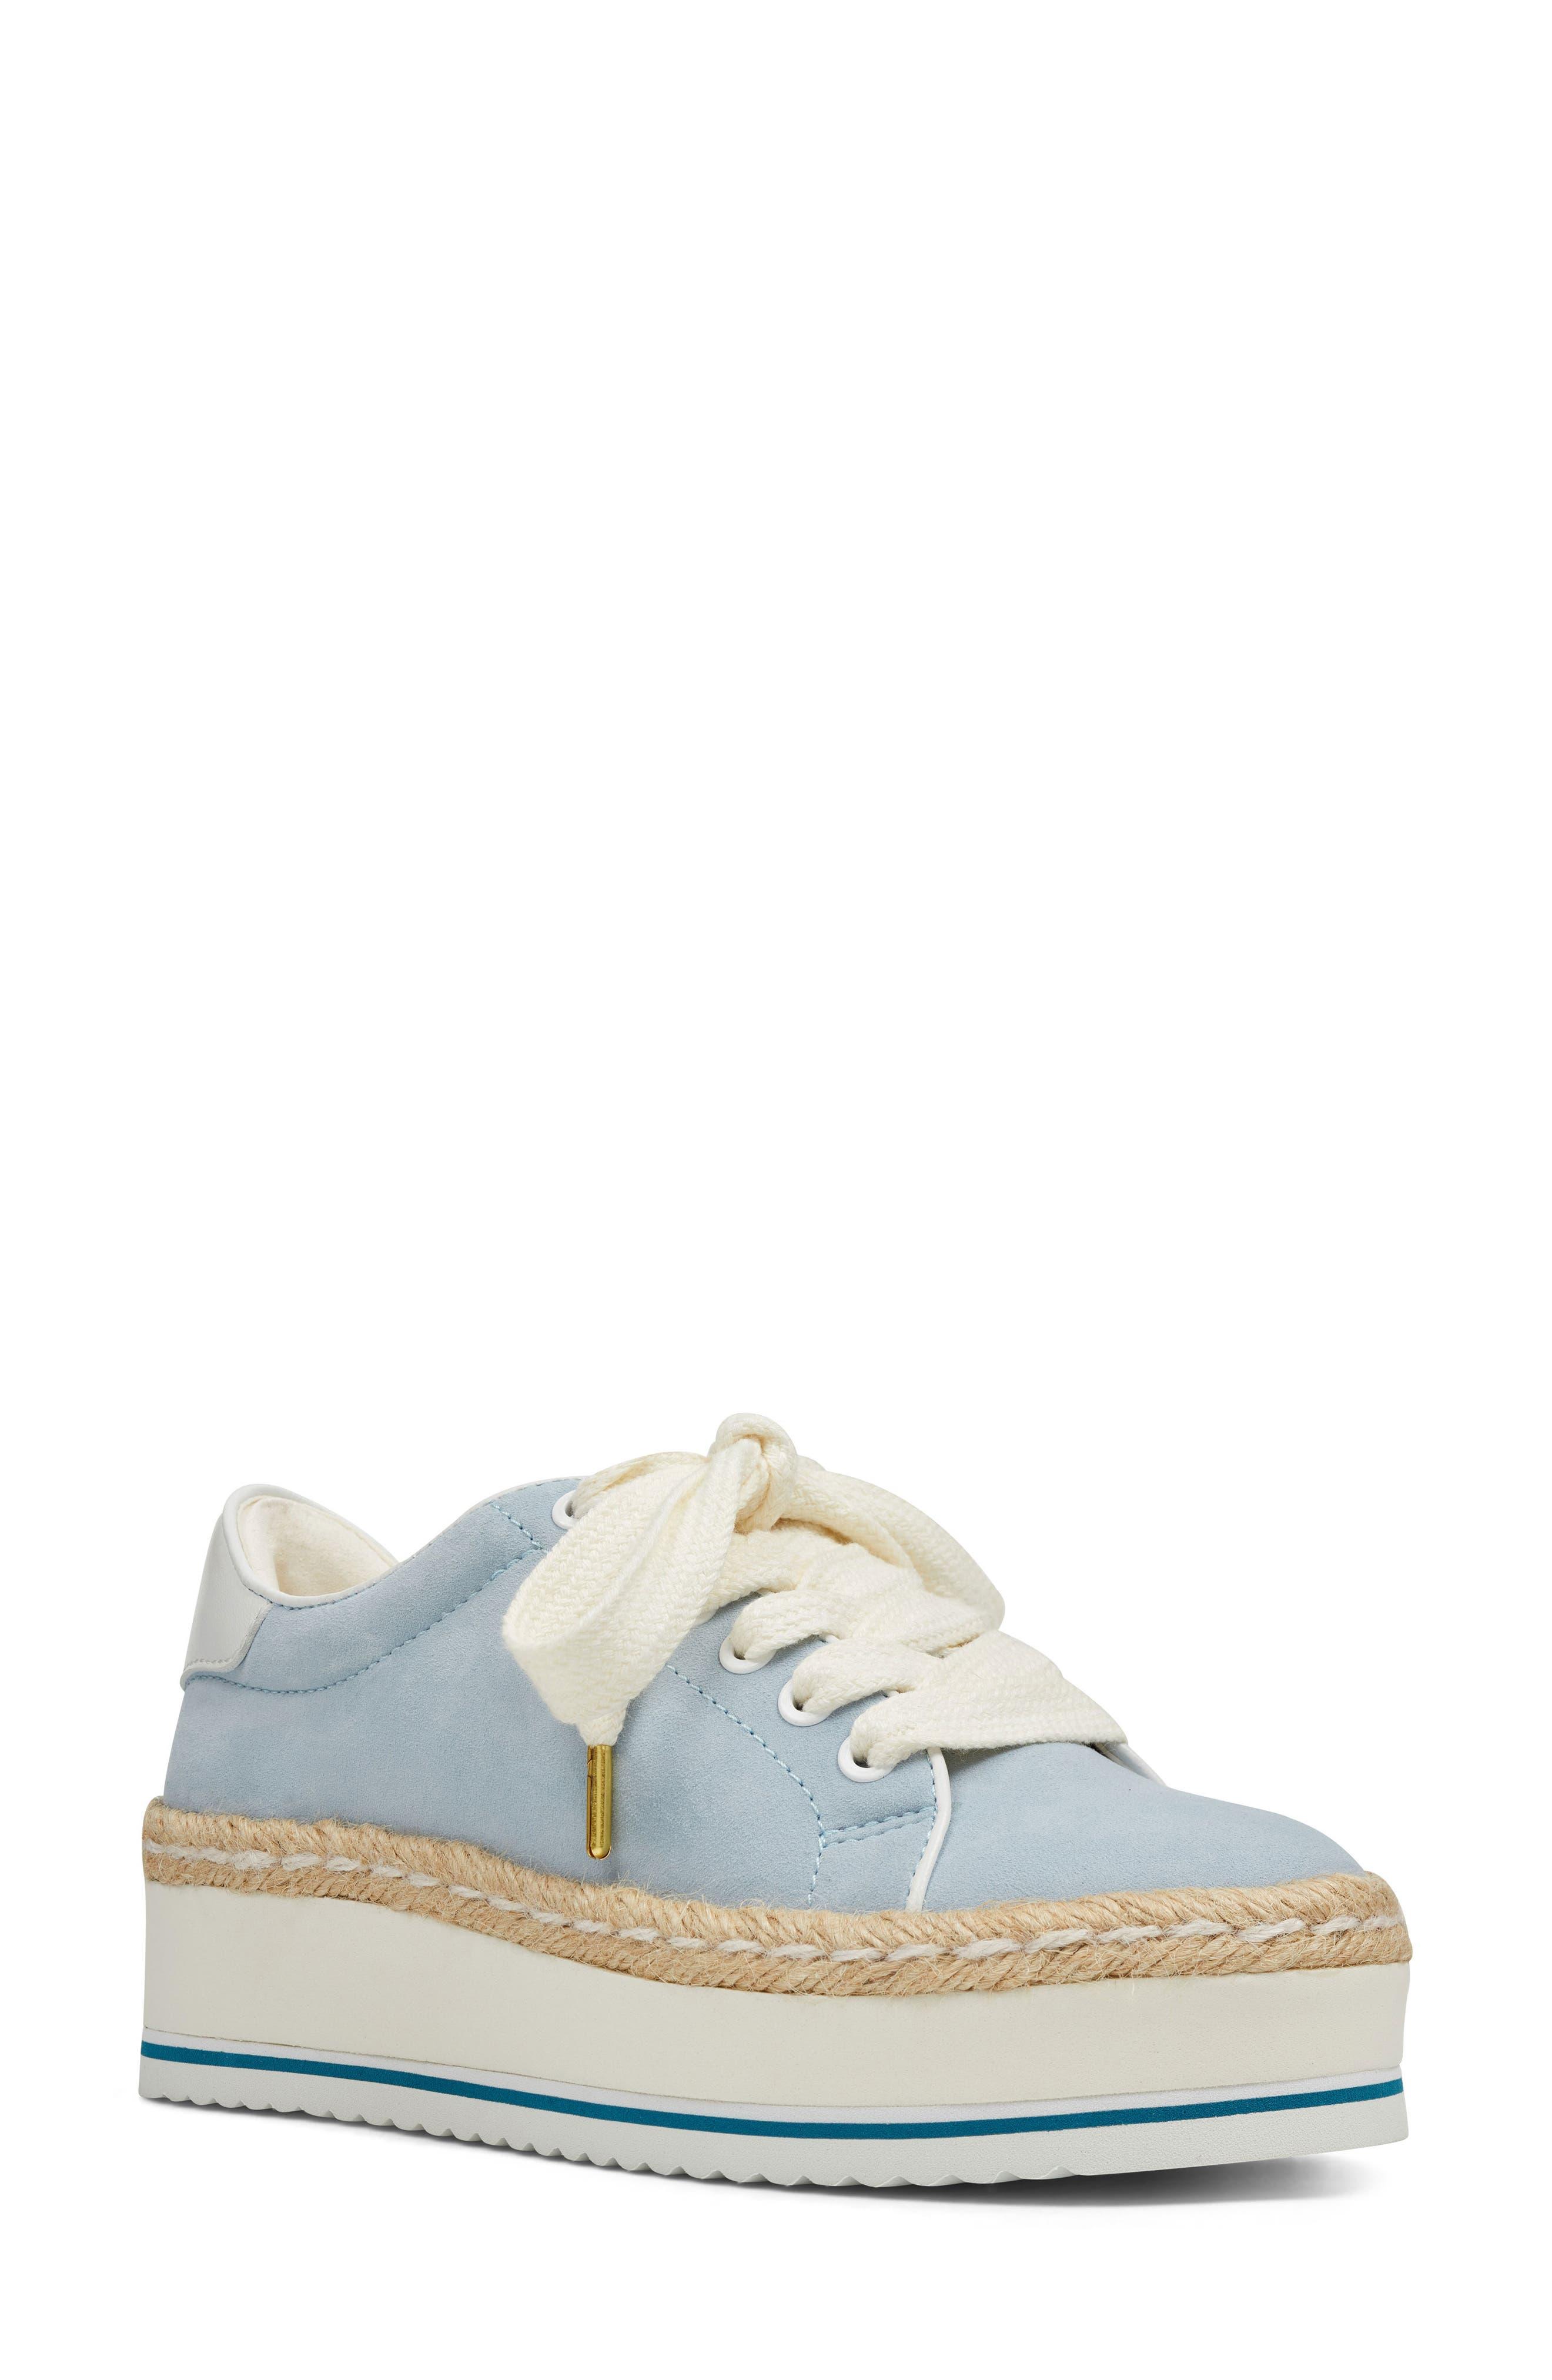 Nine West Evie Espadrille Platform Sneaker, Blue